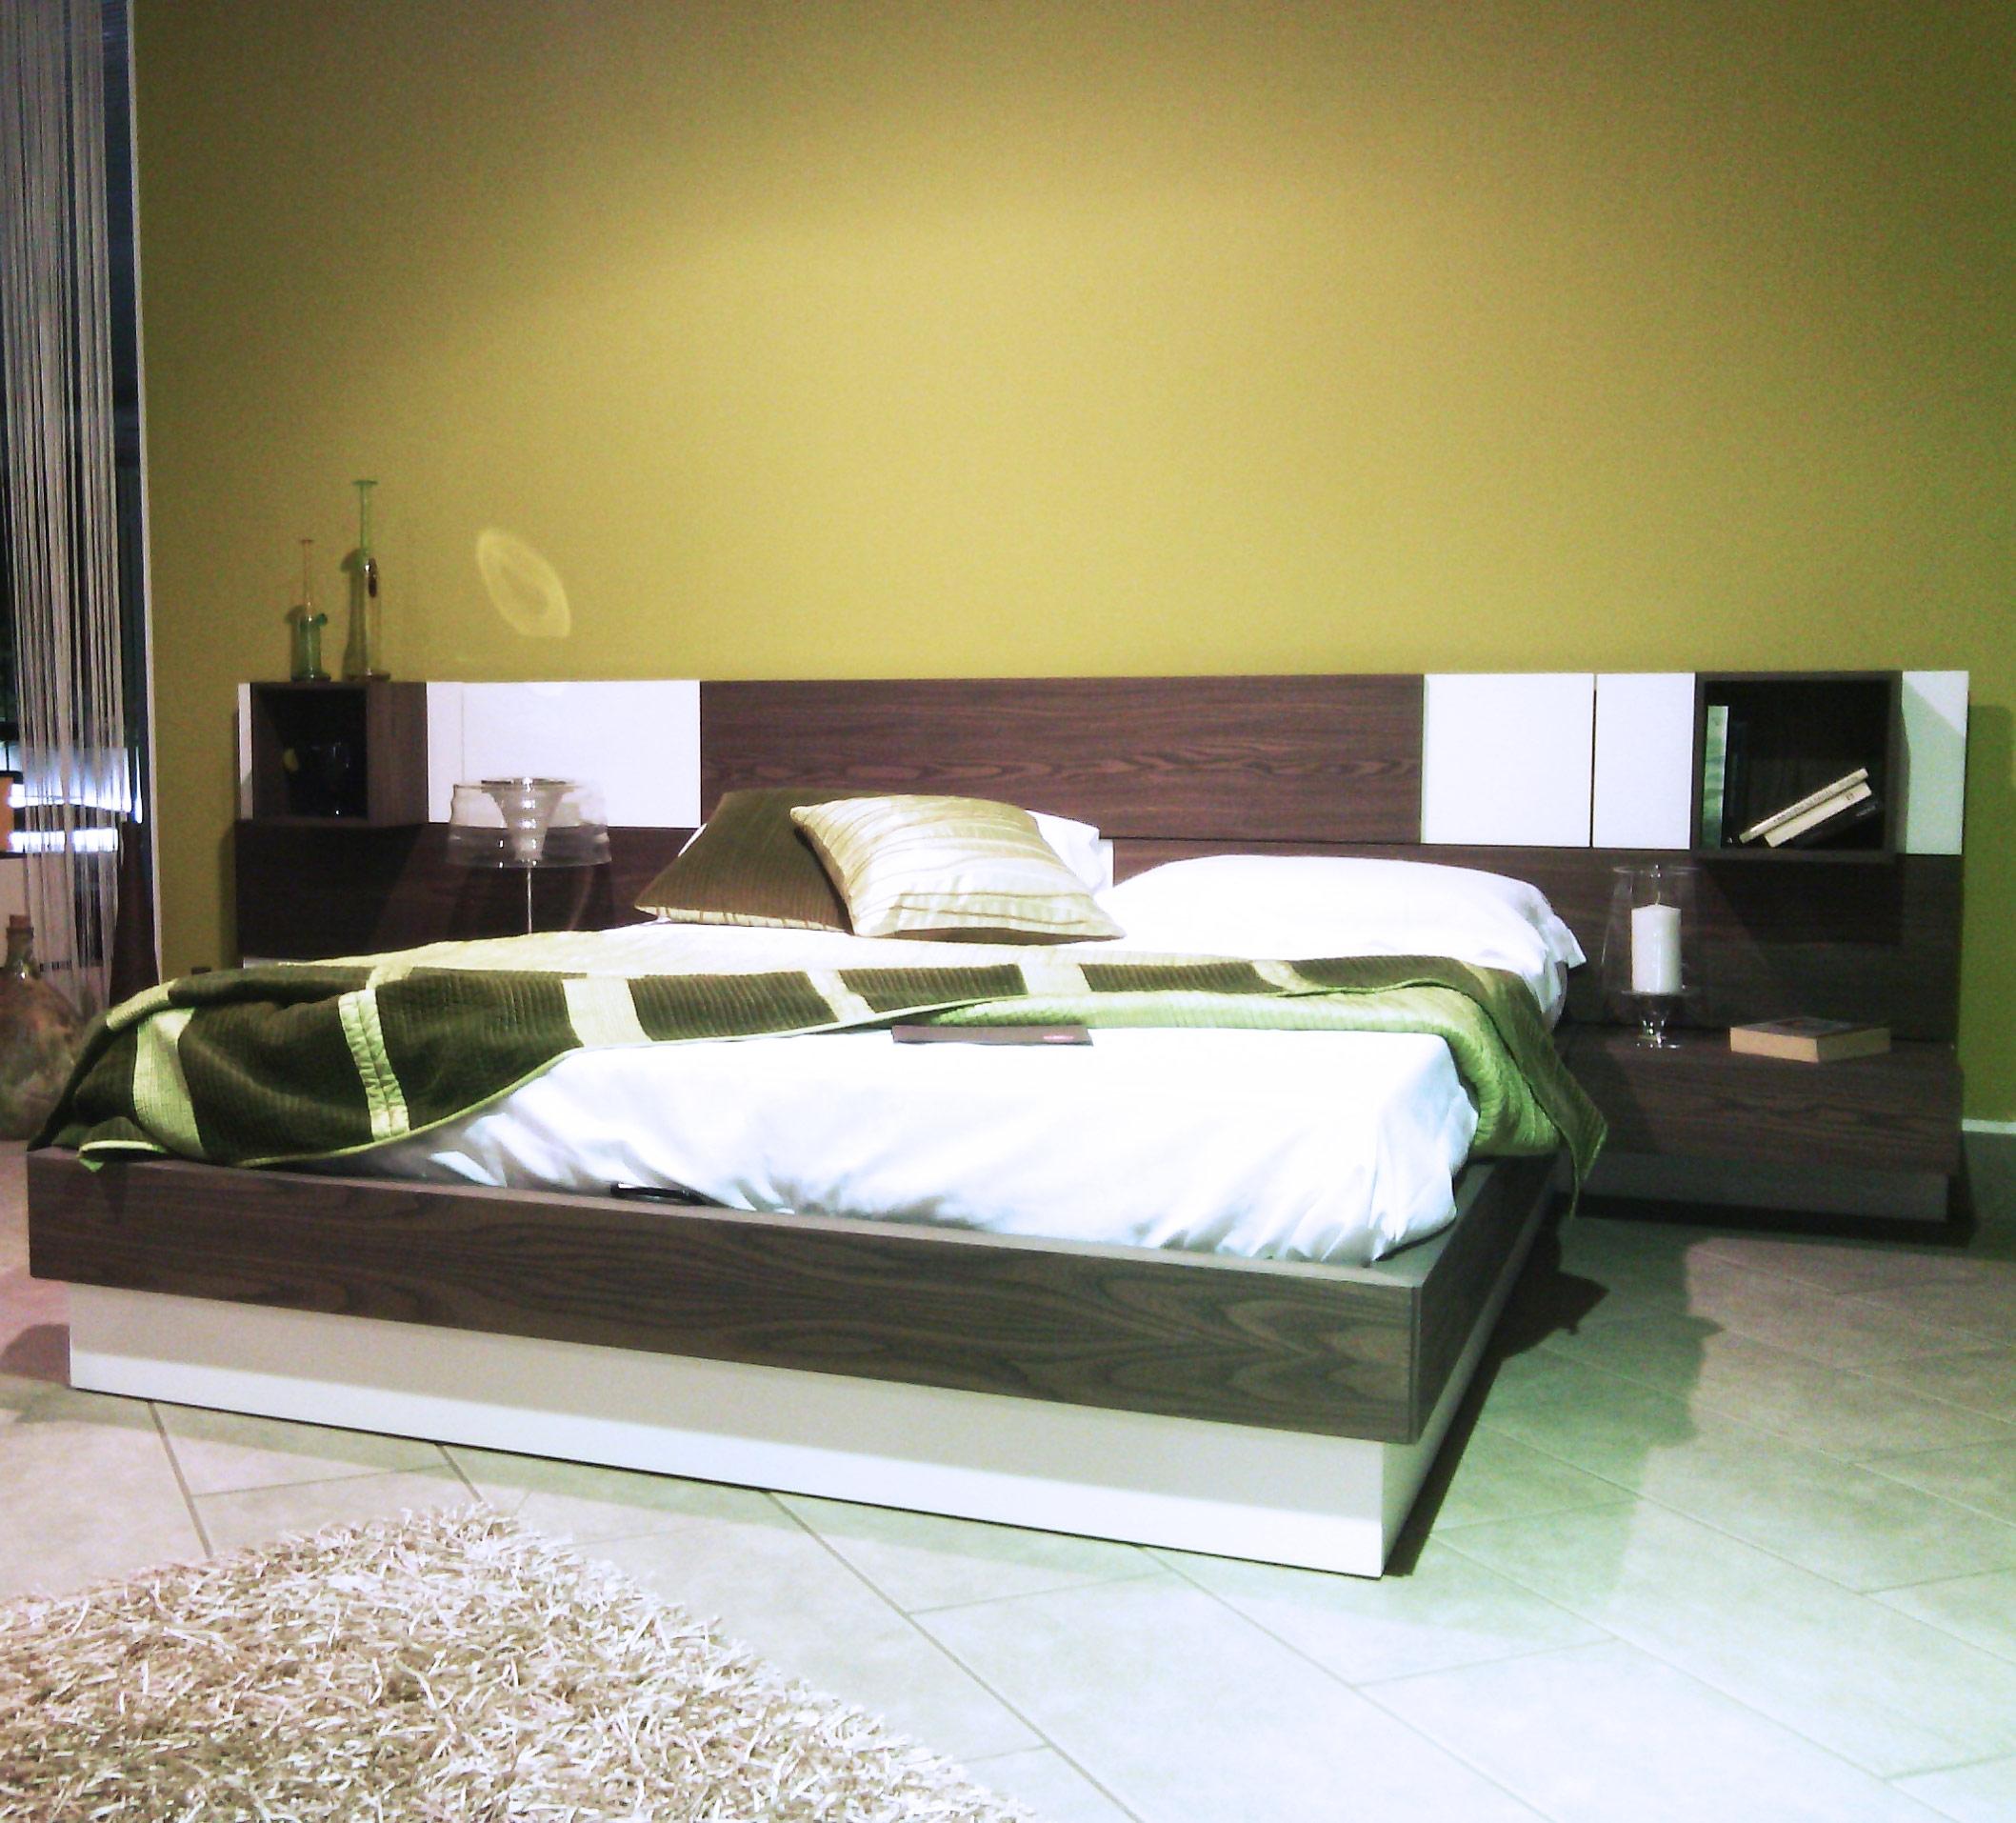 Ultimo saldo letto matrimoniale plan fimar letti a prezzi scontati - Sistema per letto contenitore ...